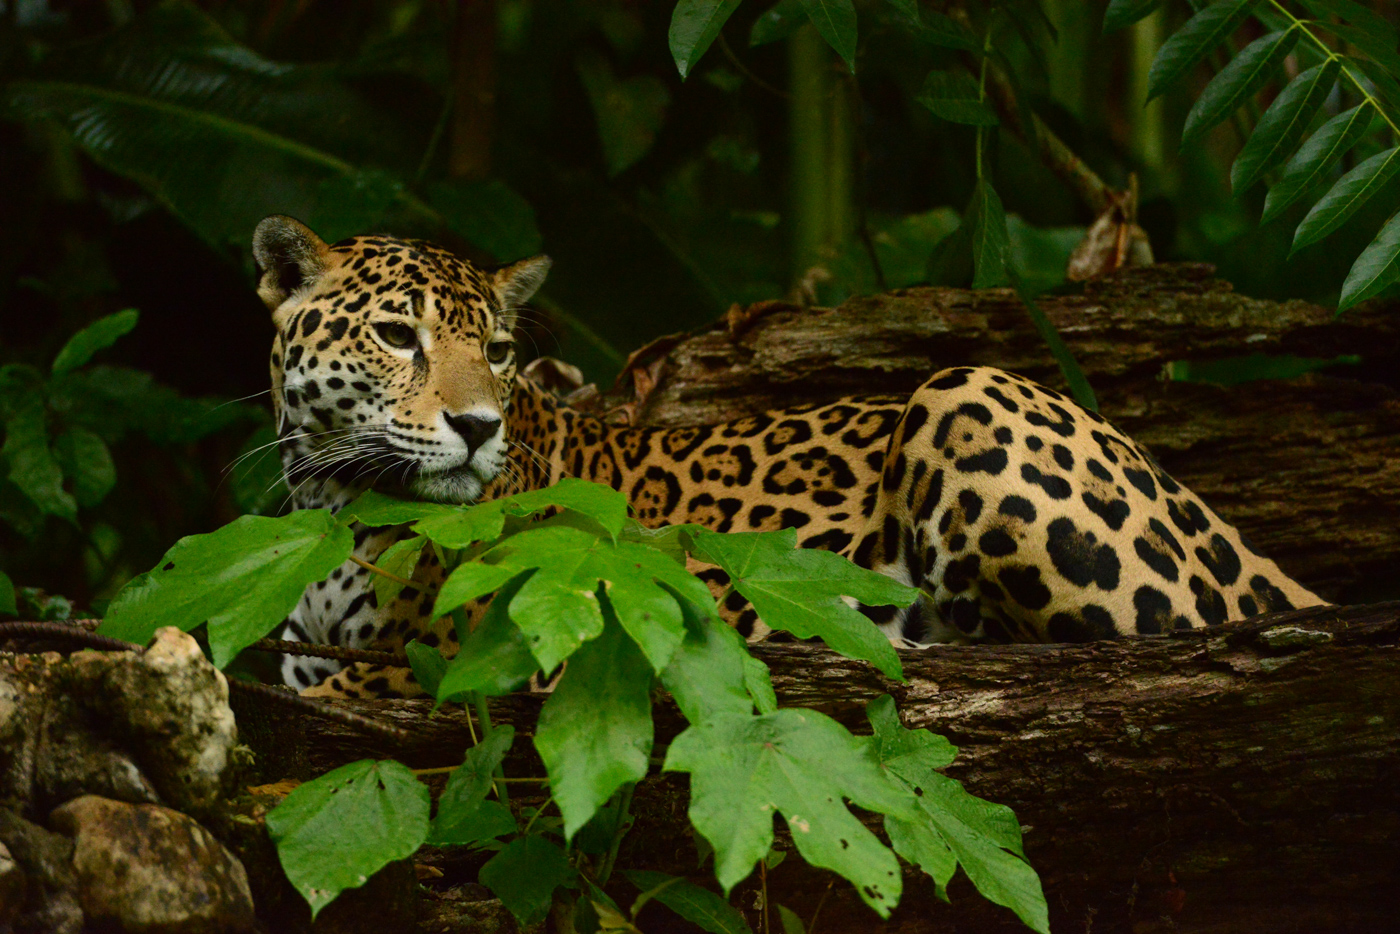 BEL_Jaguar_BelizeTouristBoard_Freewithcredit (5)